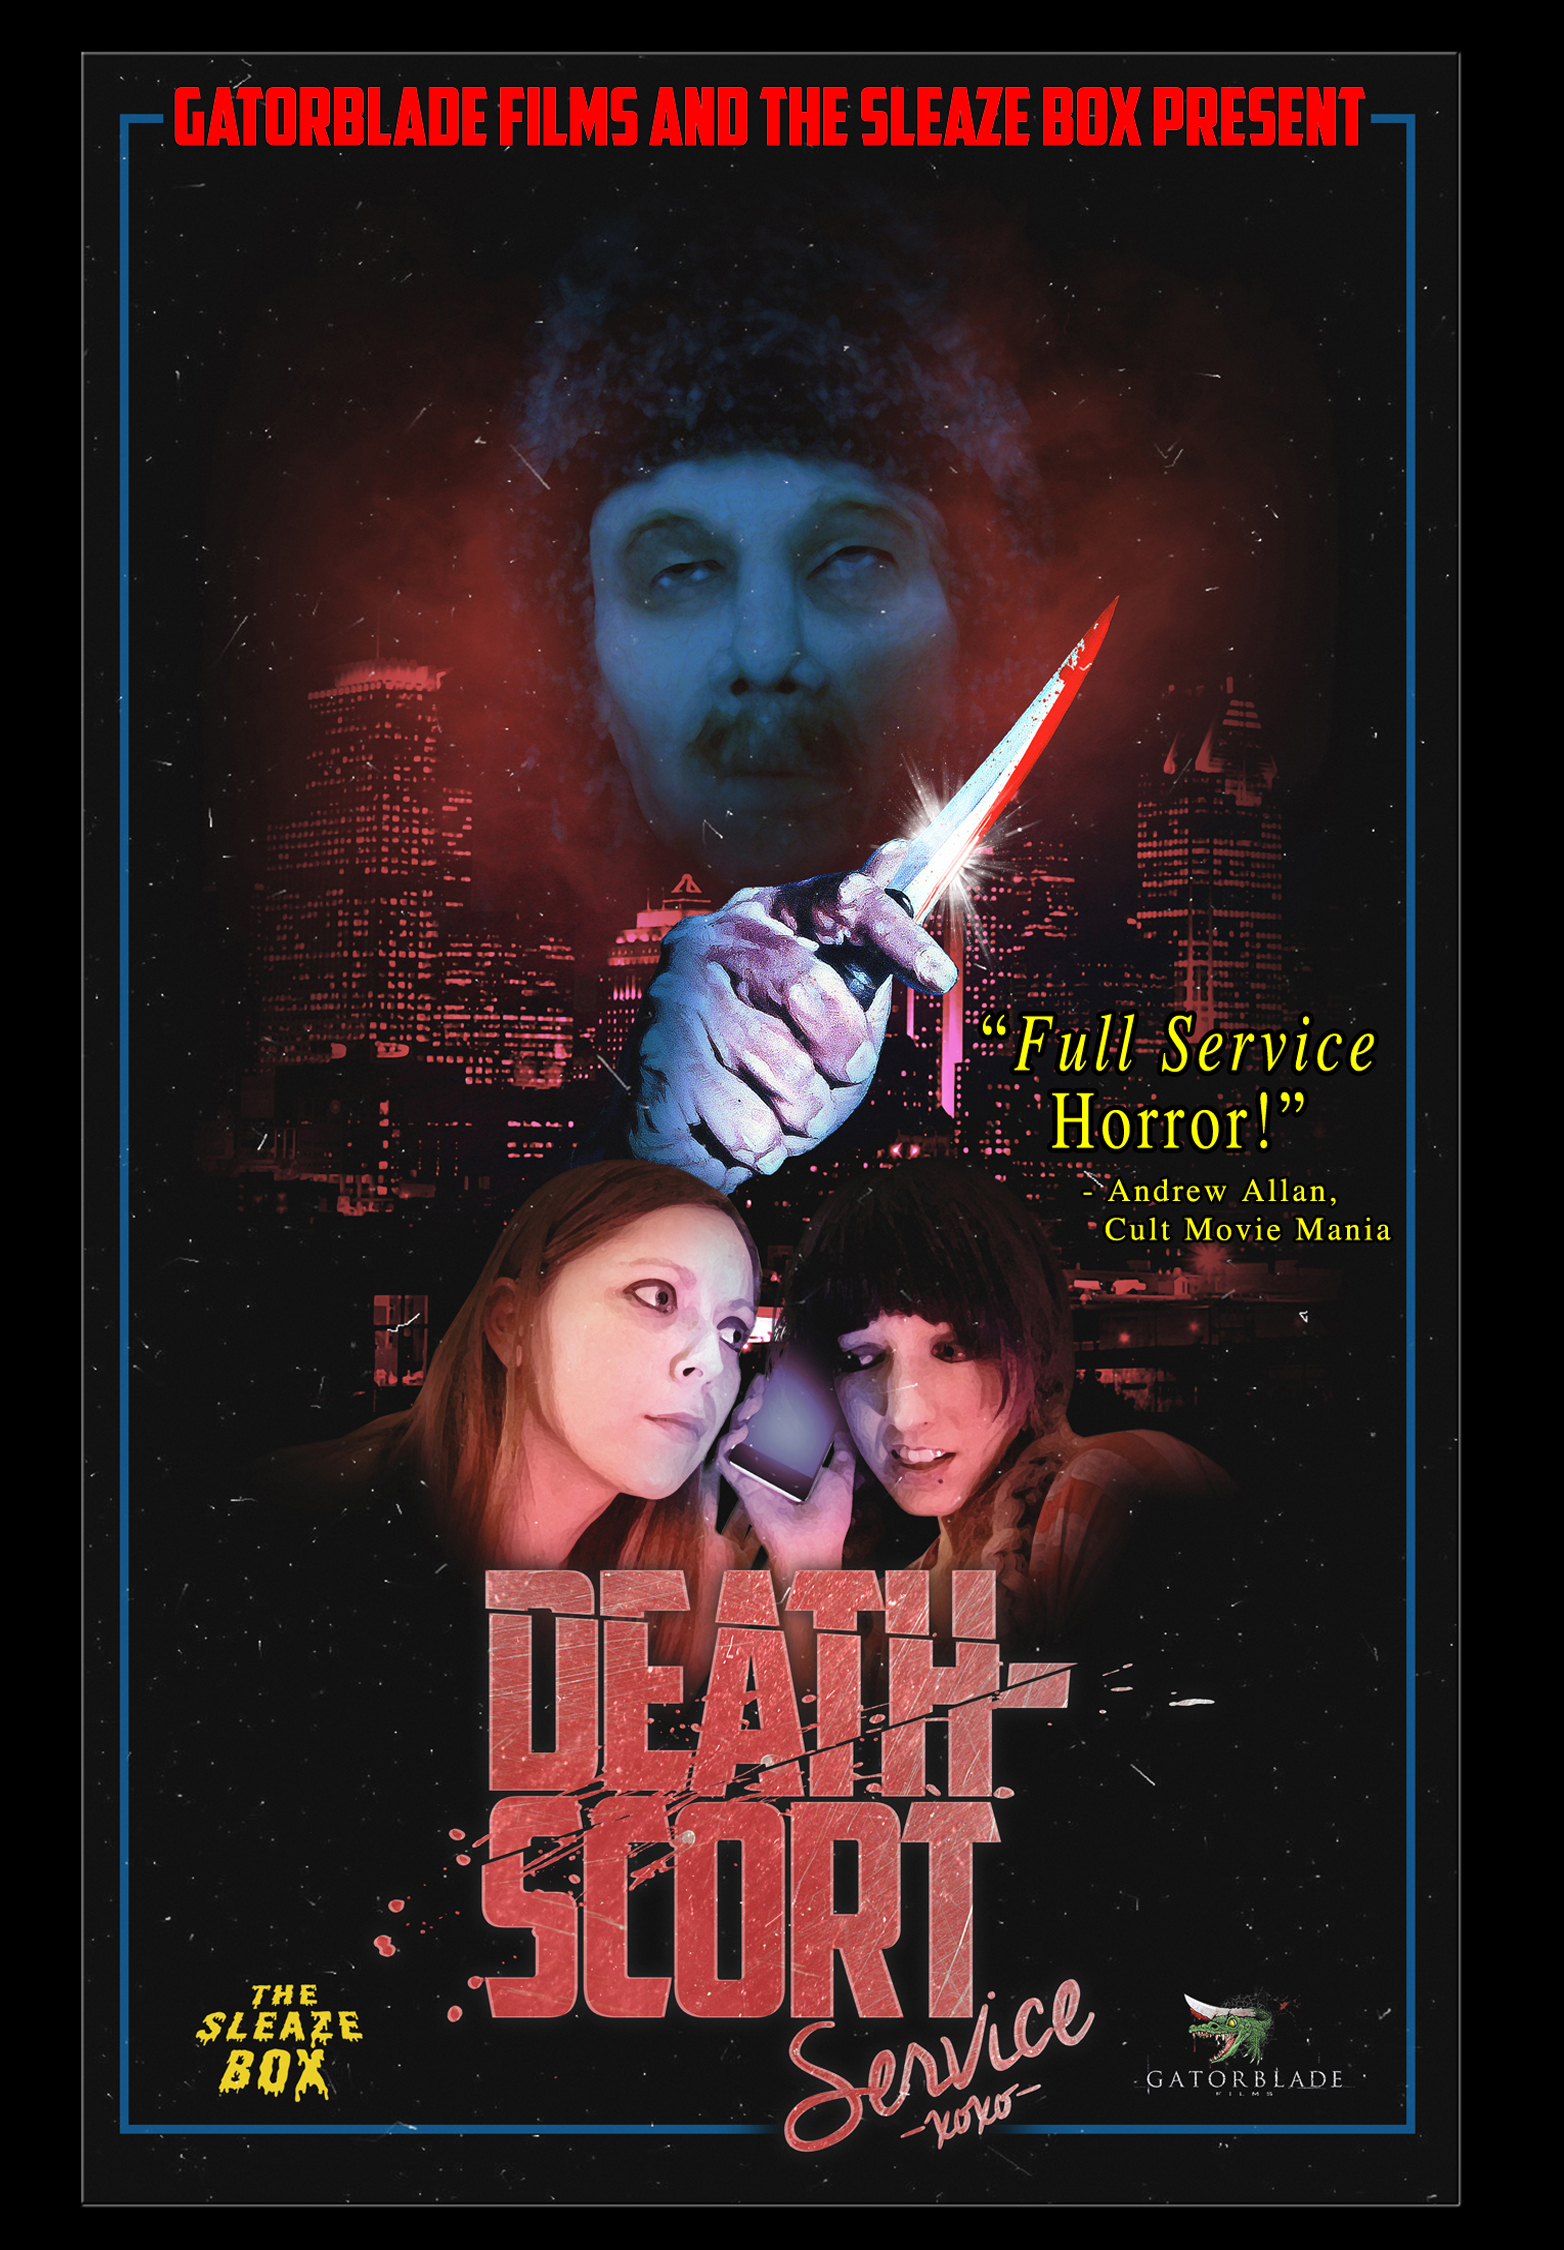 Death-Scort Service